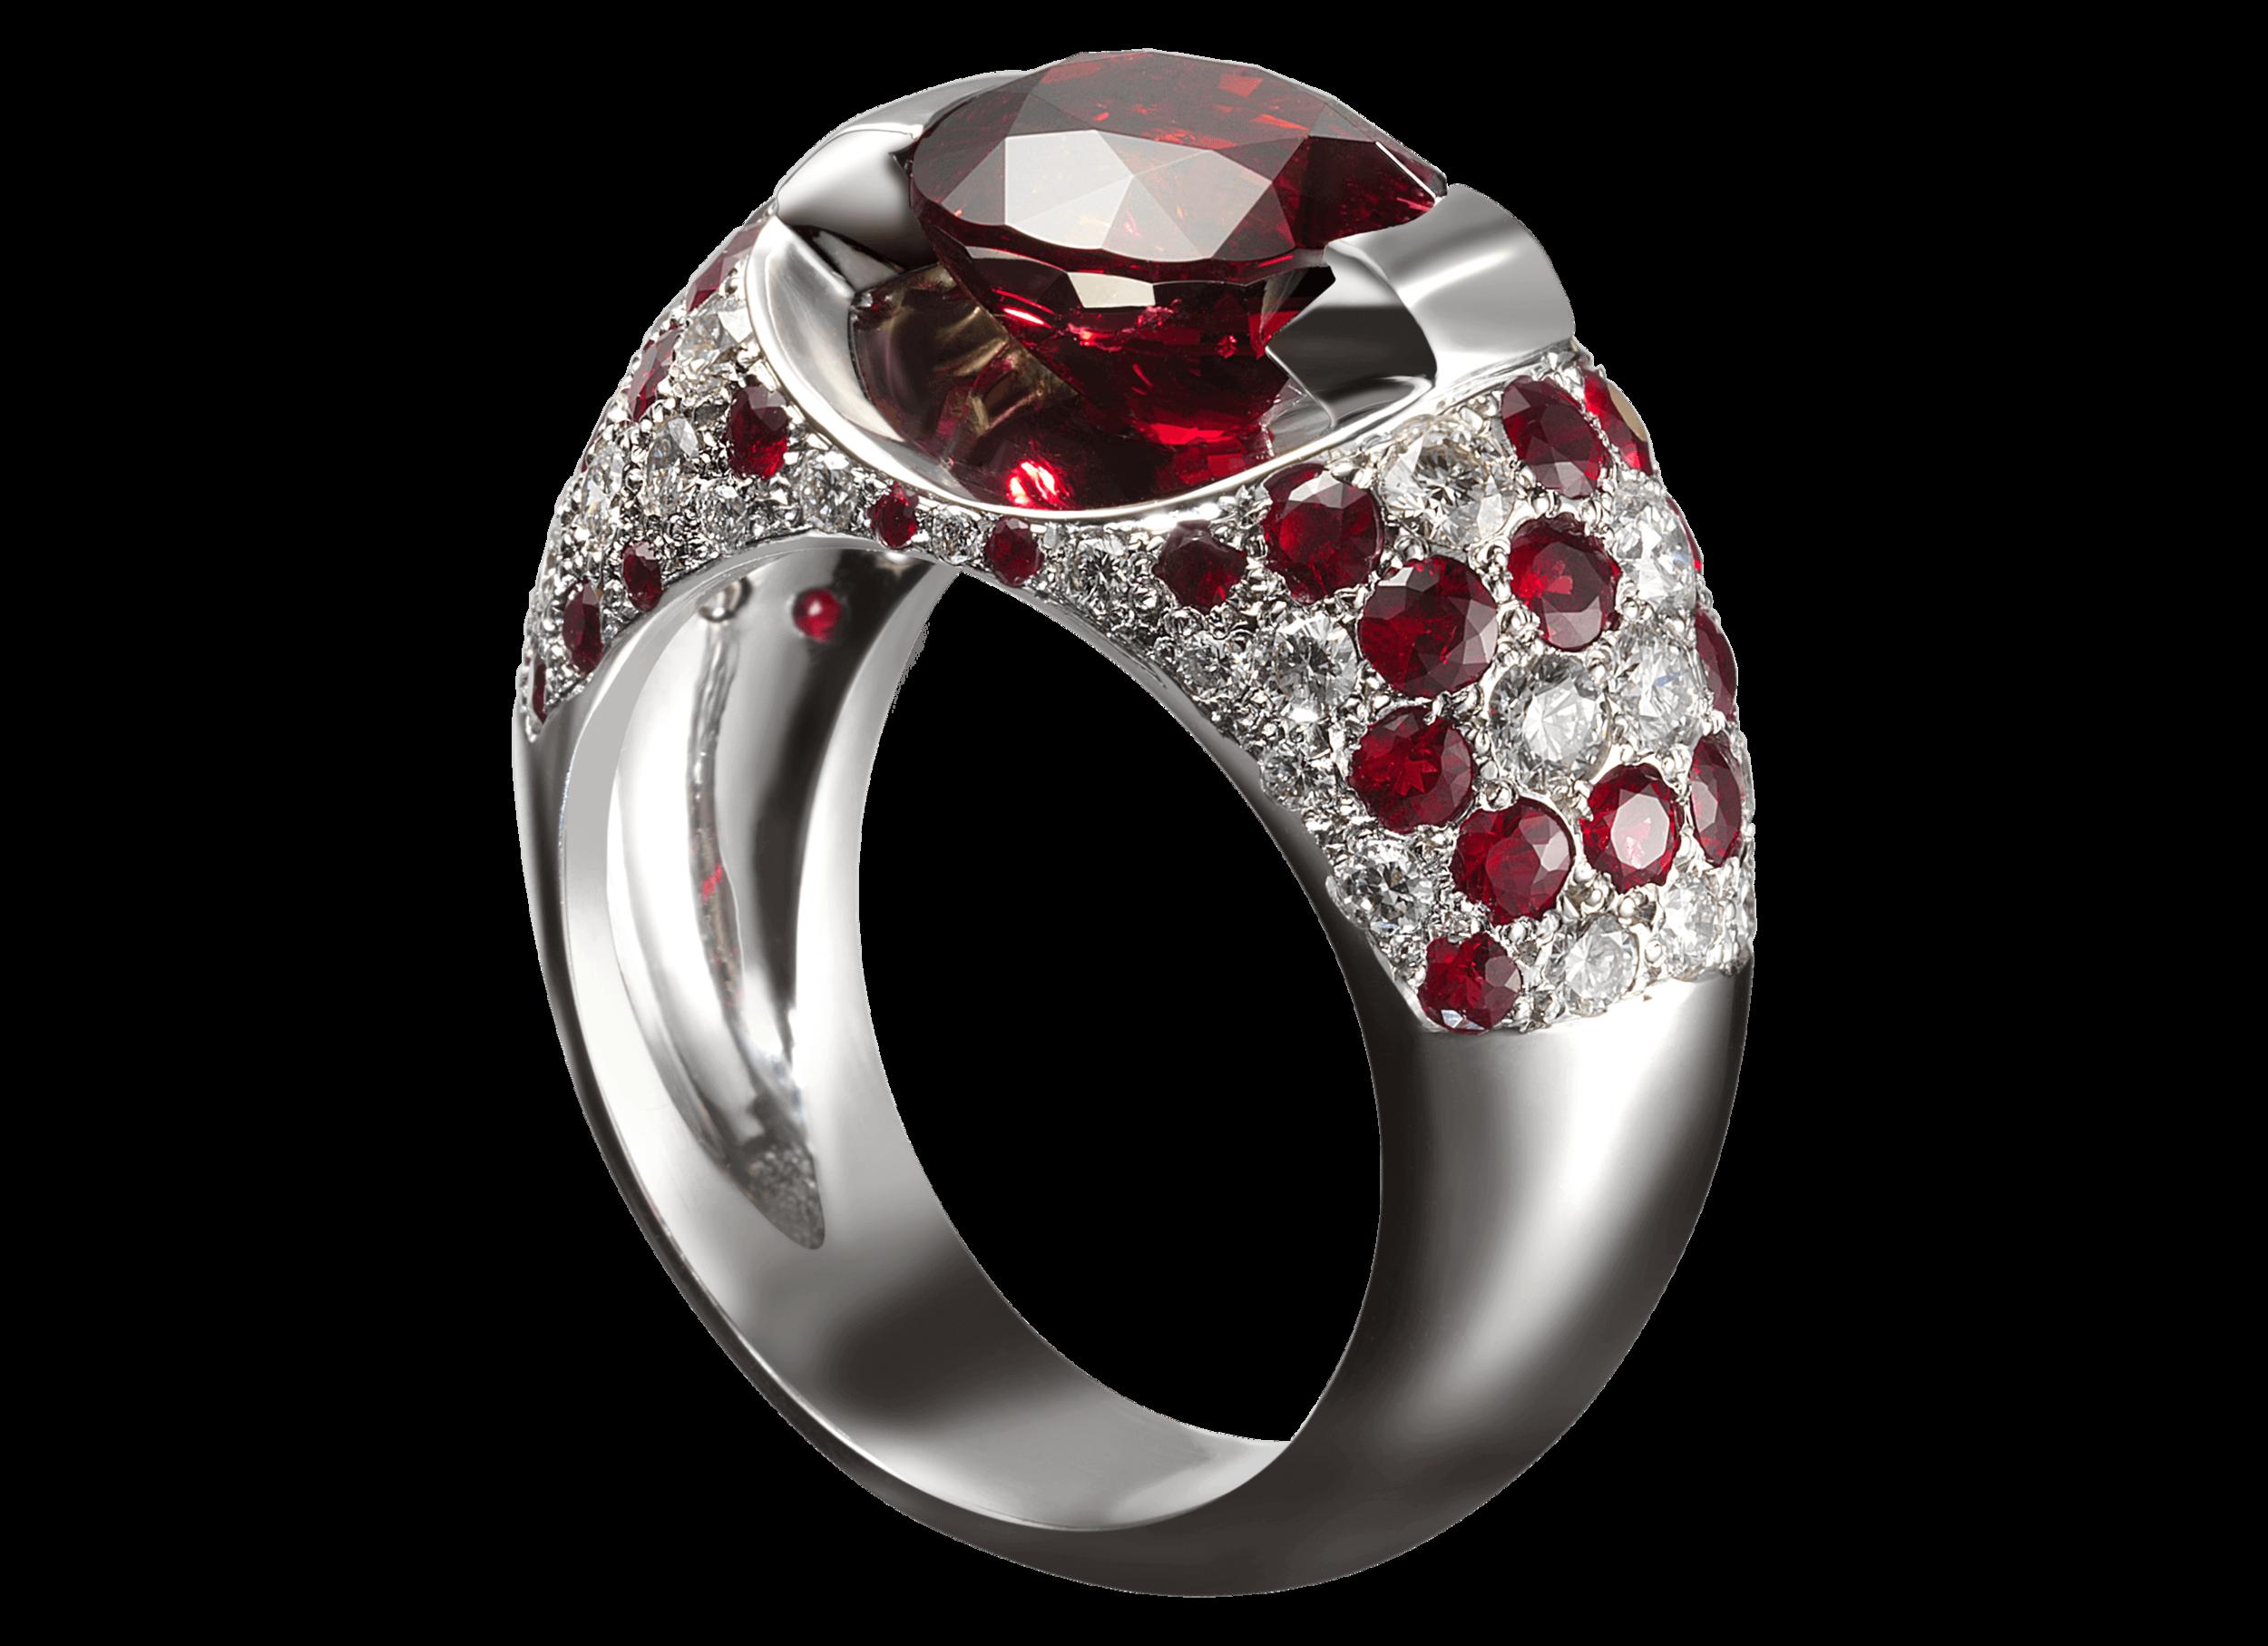 Bague Eolia or blanc spinelle ovale de 3,12 carats, pavage de diamants 0,44 carat et de rubis 1,15 carat.png